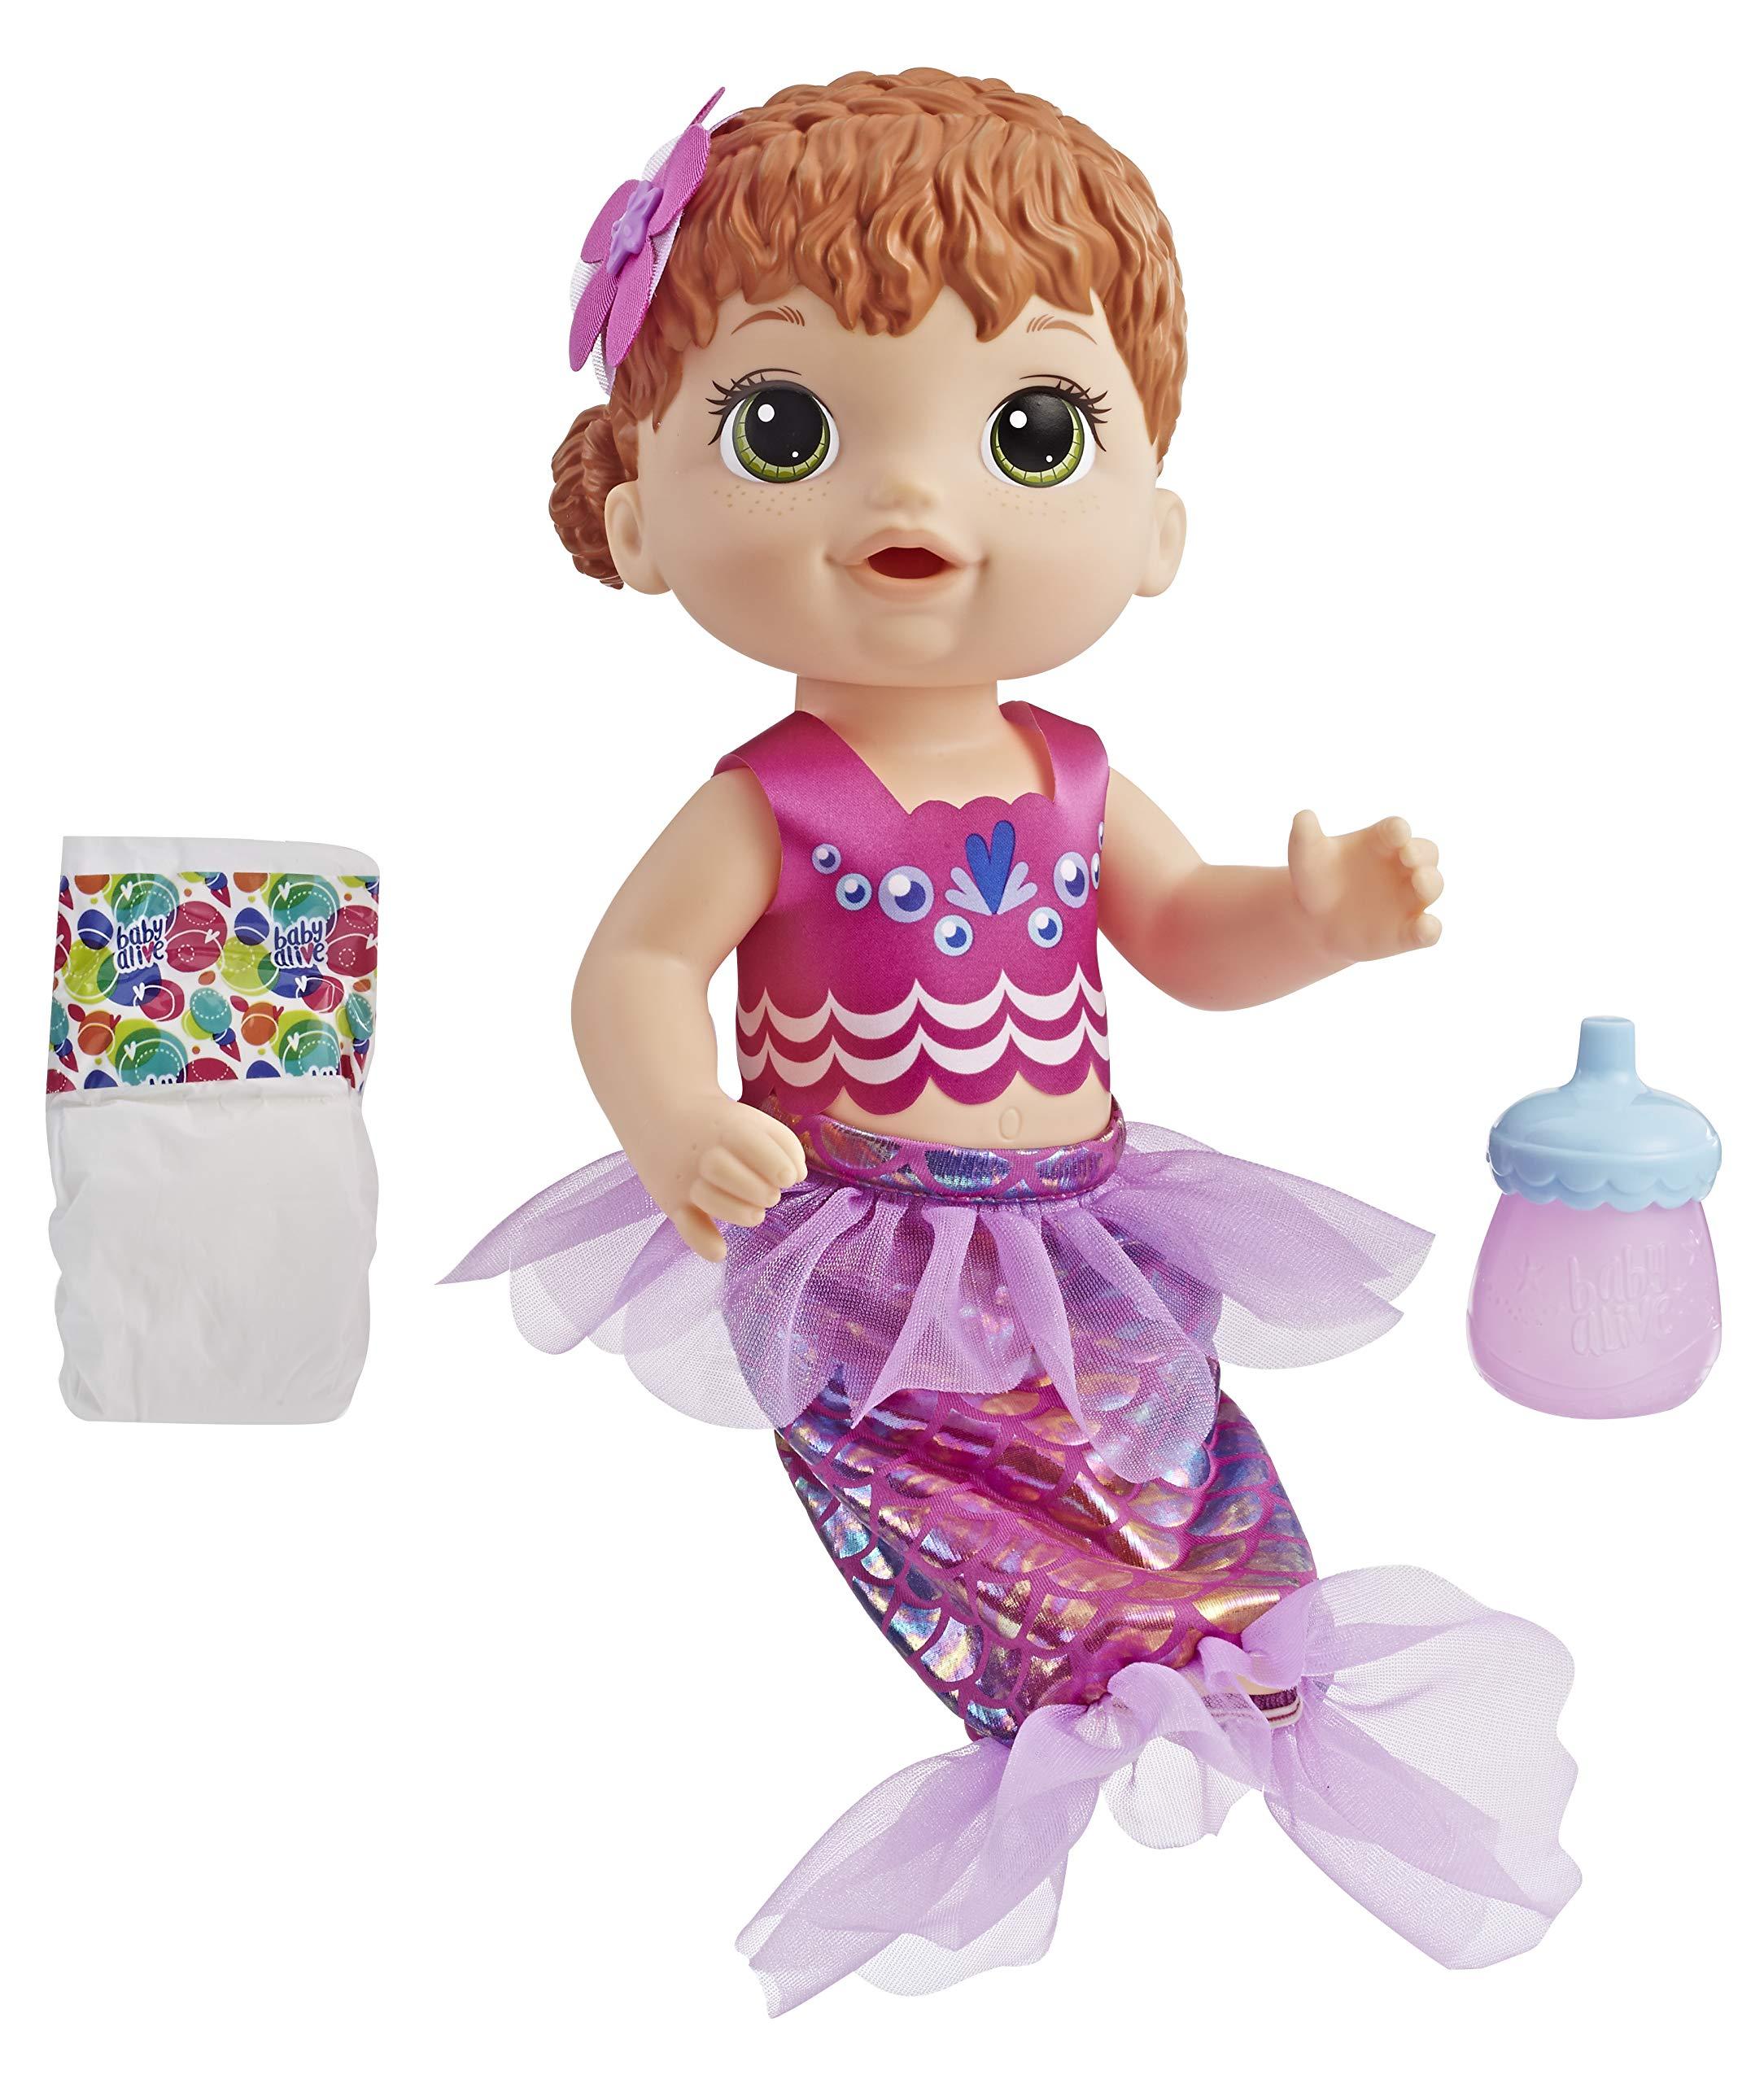 Baby Alive E4410es1 Shimmer N Splash Mermaid Figure Multi